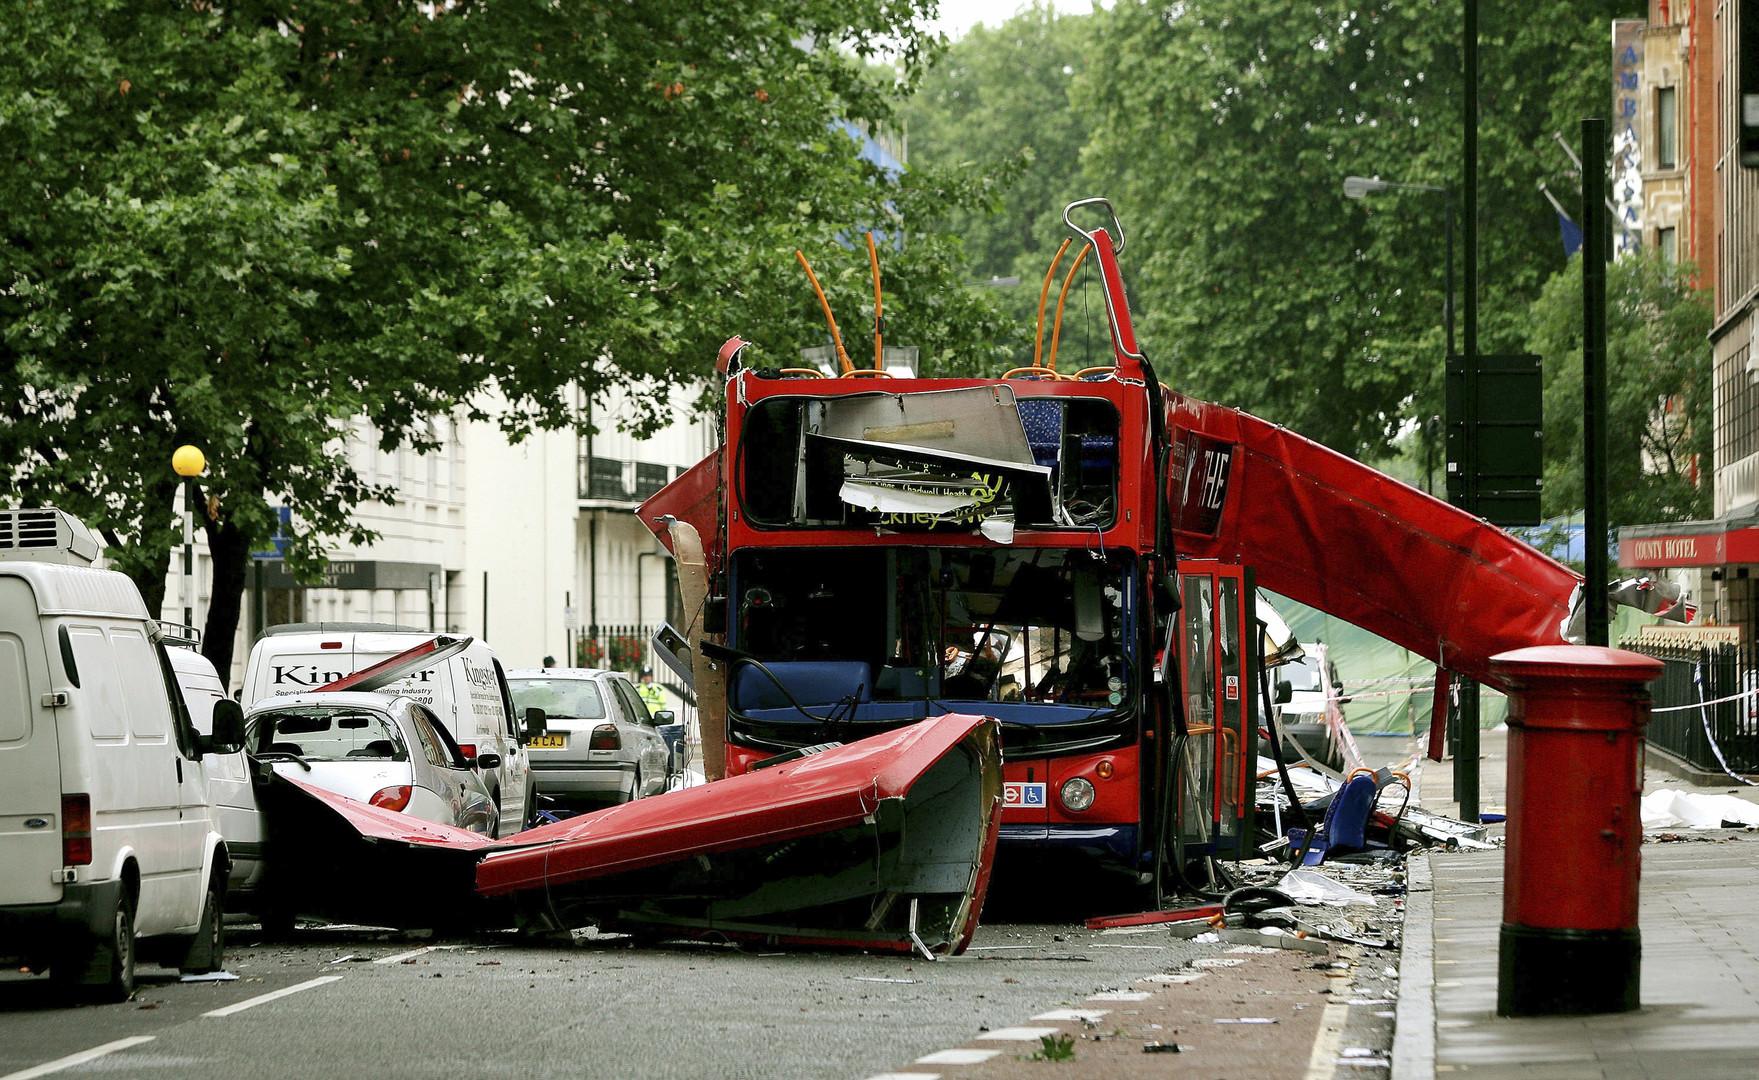 Cinq attaques meurtrières qui ont secoué le Royaume-Uni depuis 2005 (PHOTOS)